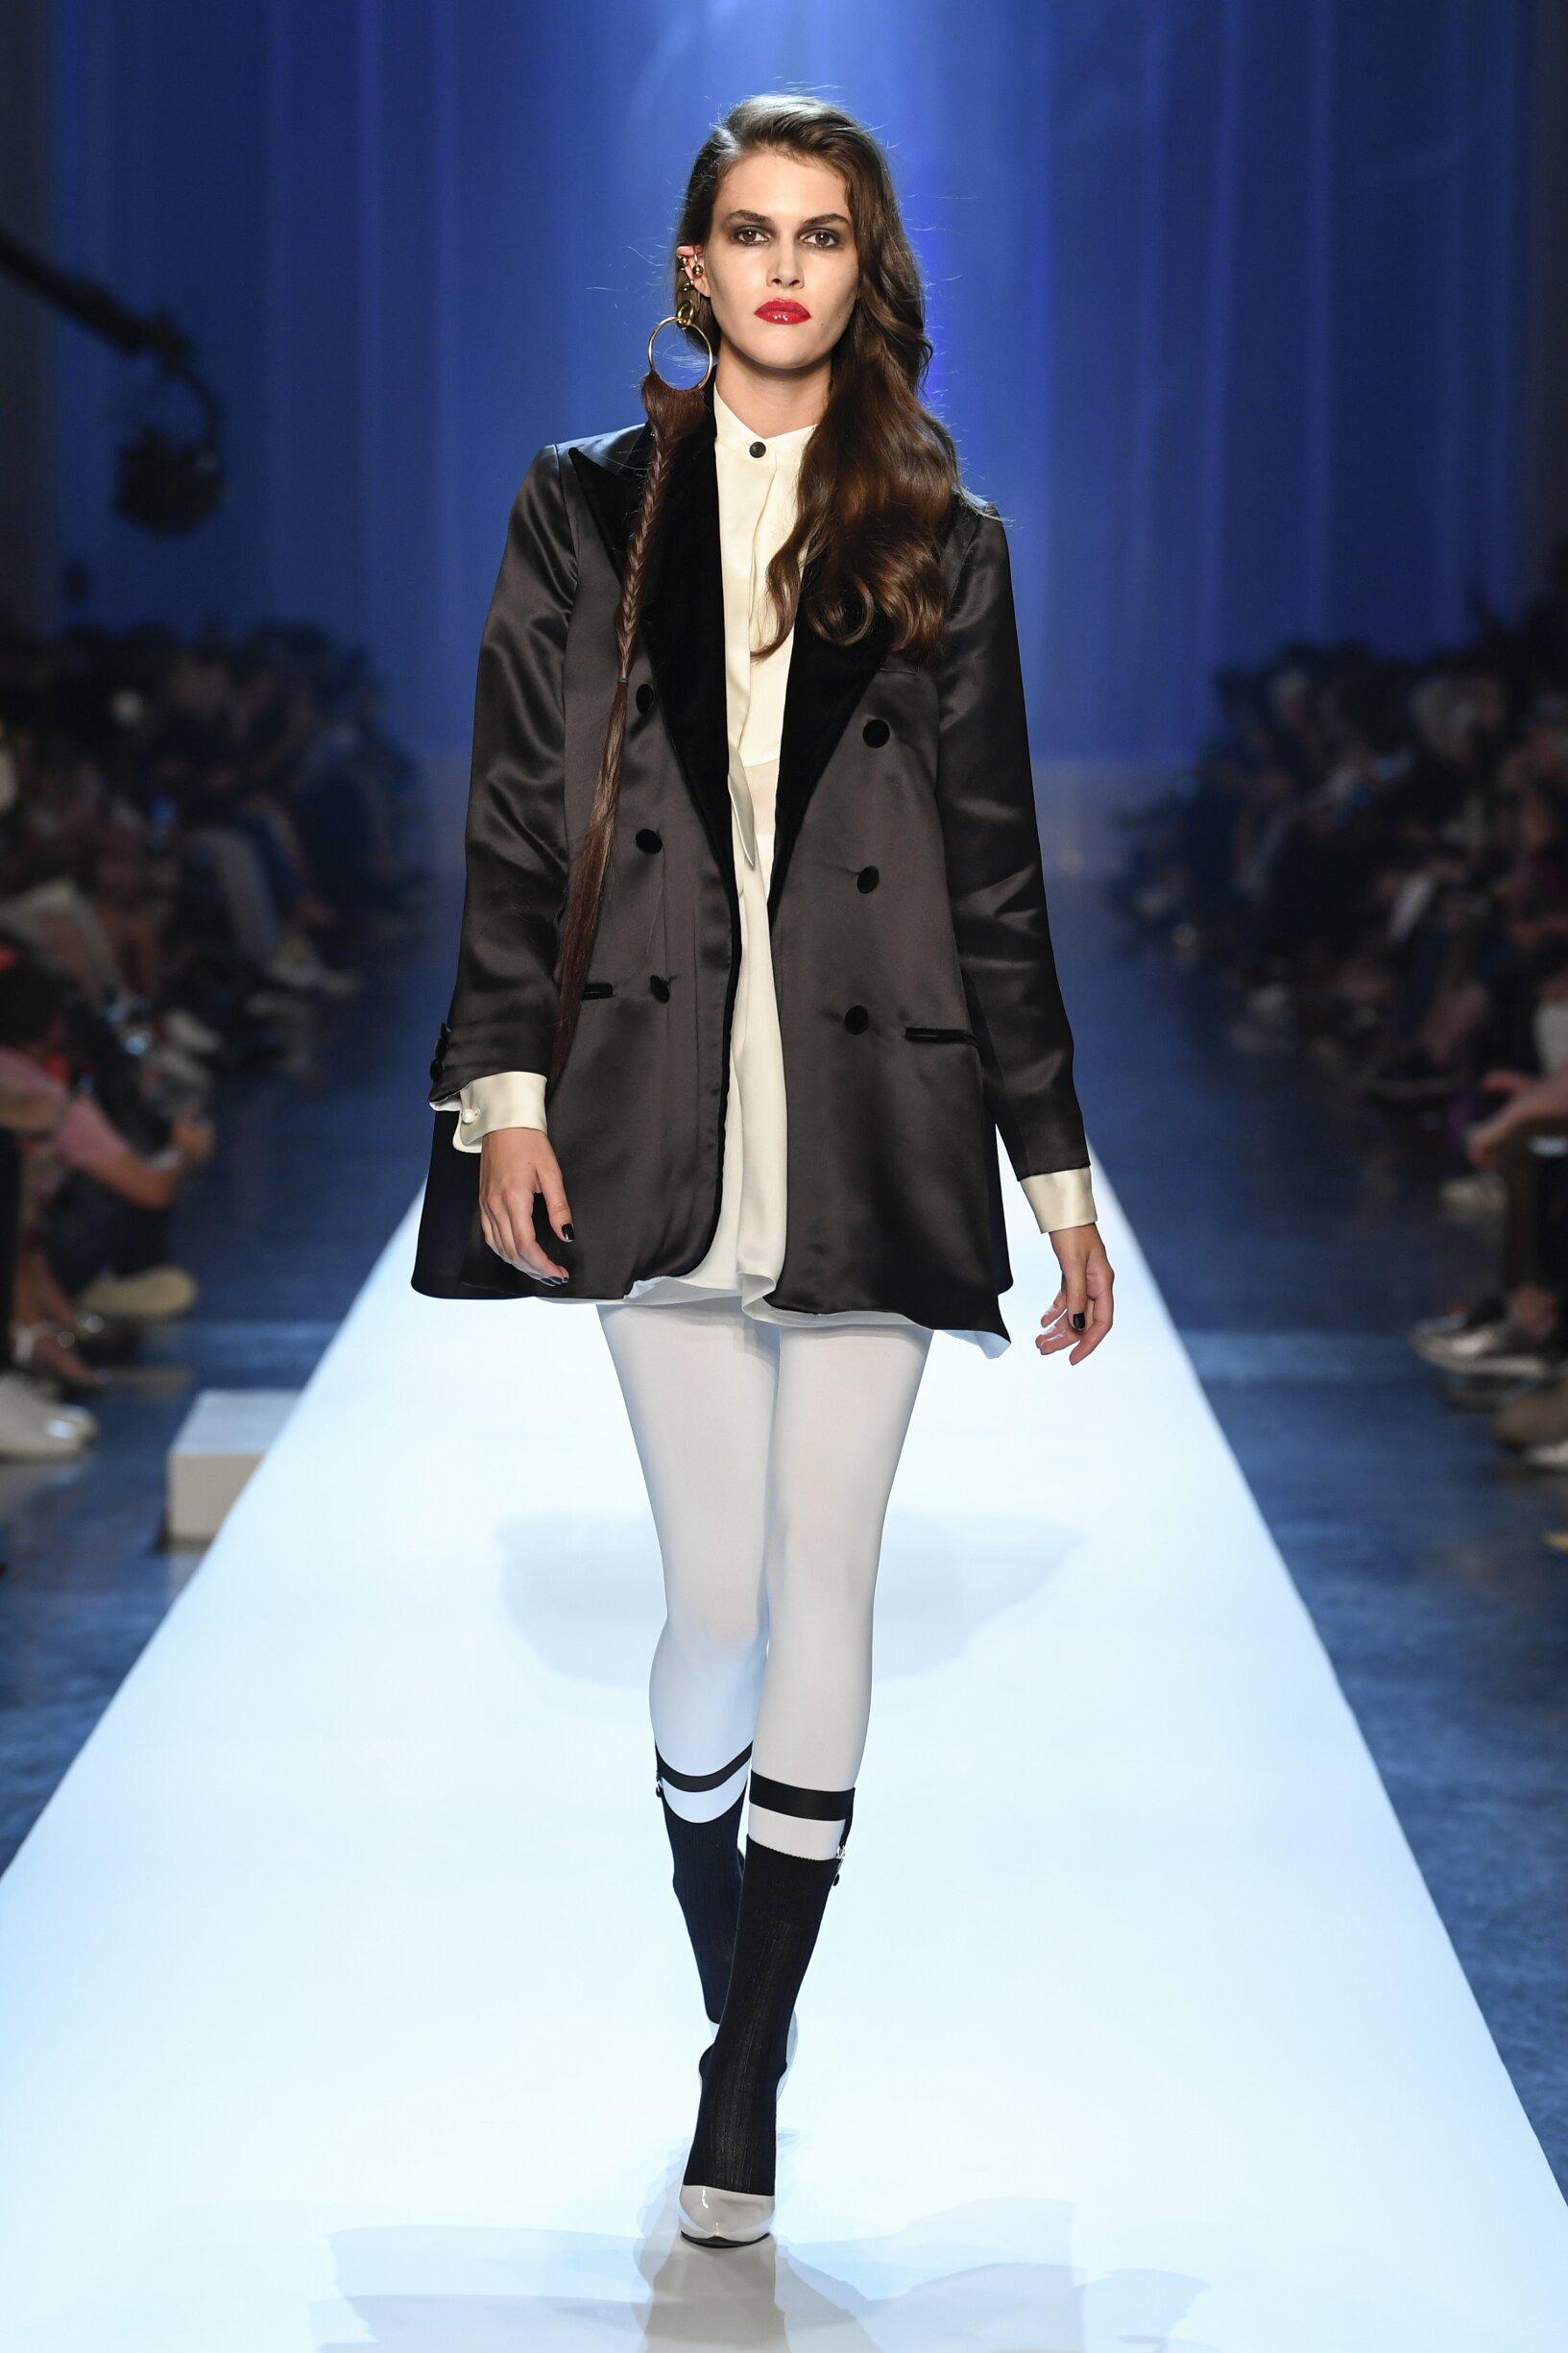 Jean-Paul Gaultier Haute Couture Paris Fashion Week Womenswear Trends